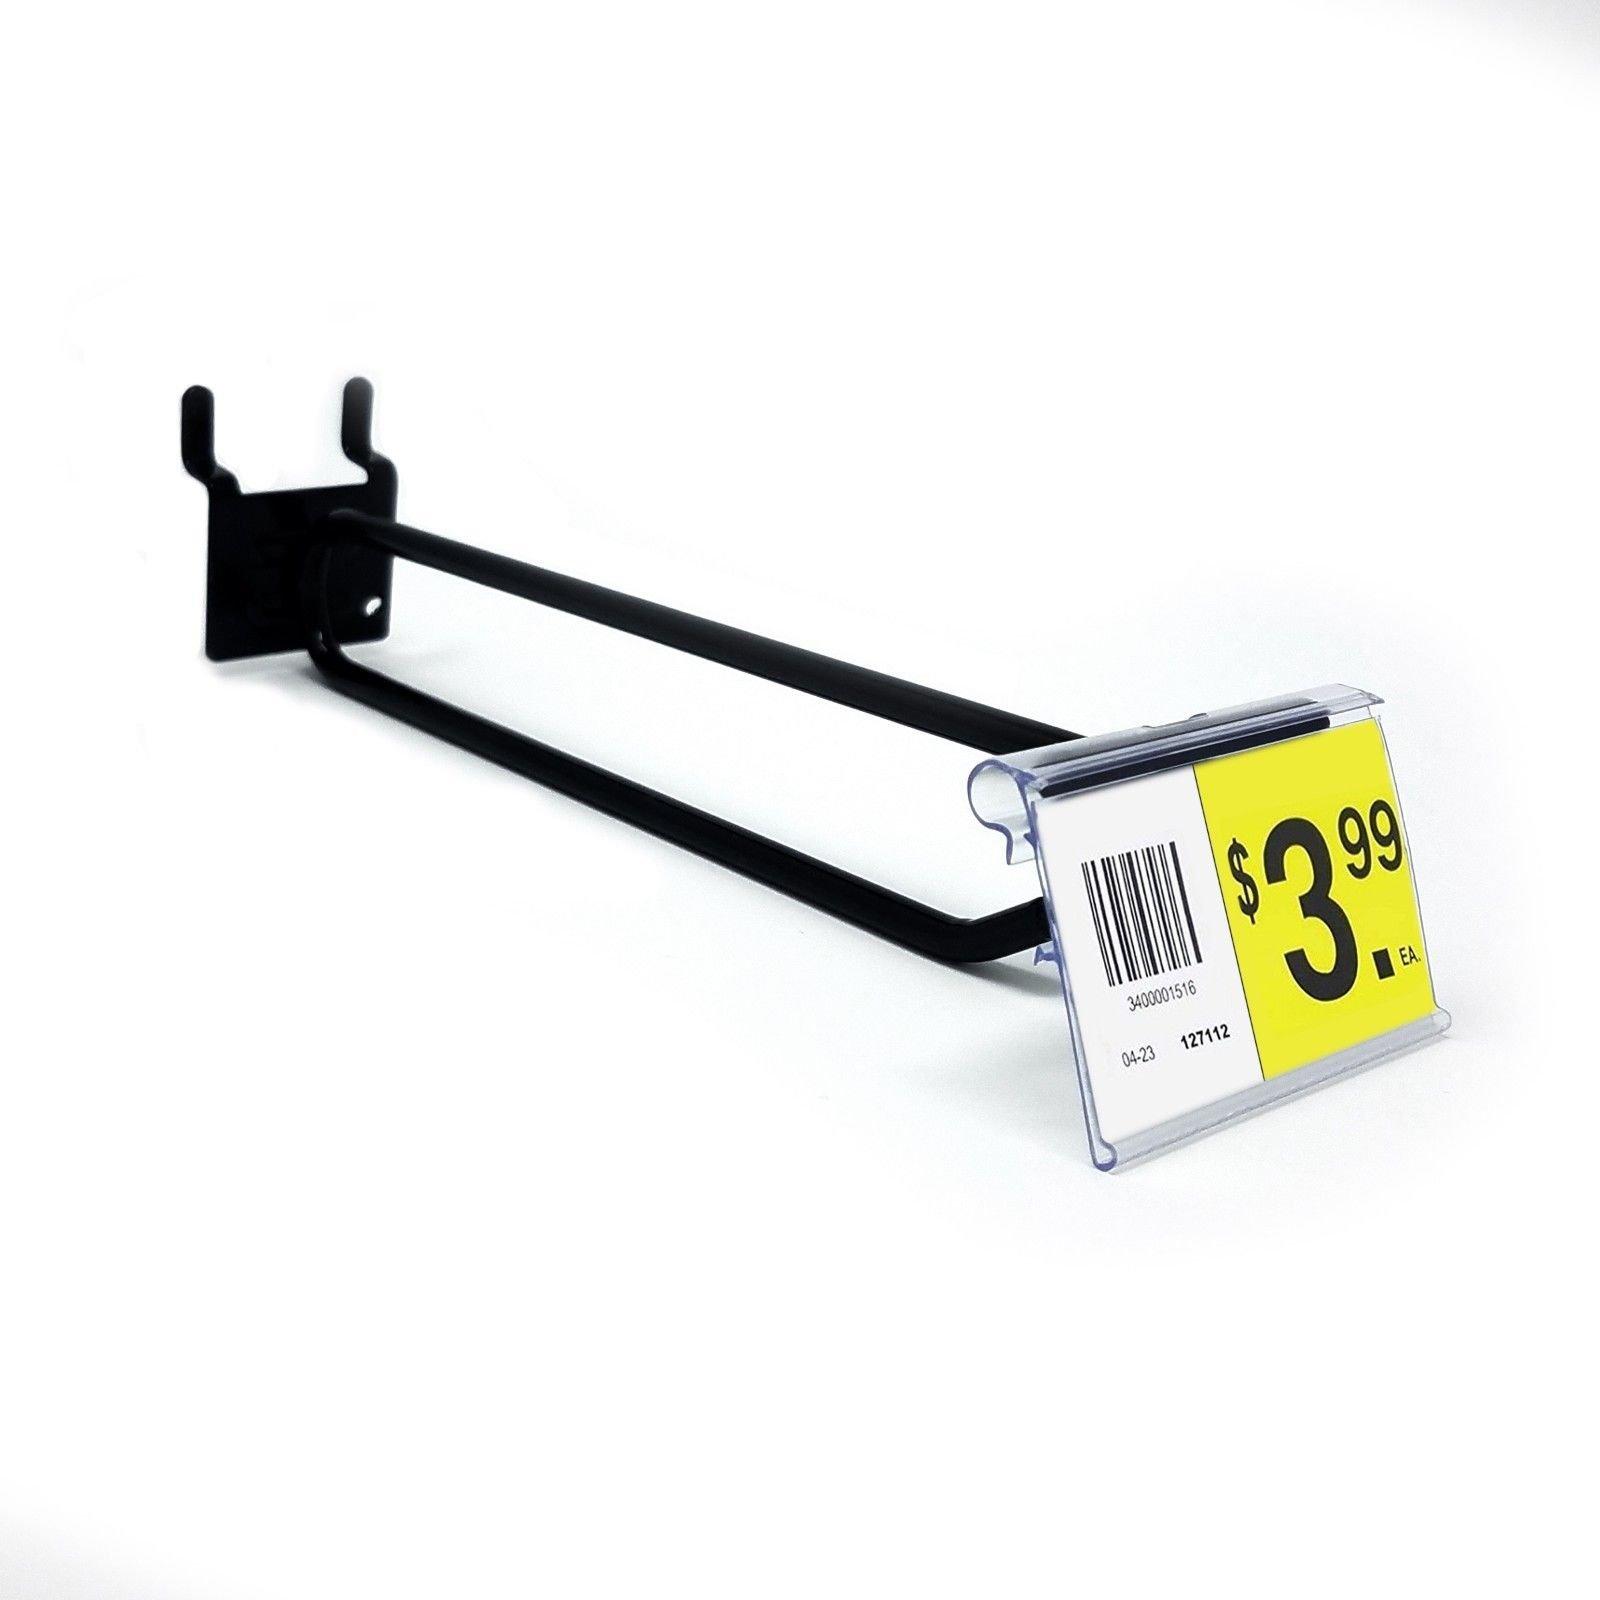 6'' Pegboard Flip Up Scanner Hooks w/ 2.5'' L X 1.25'' H Scanner Plates - Black - 50 Pack